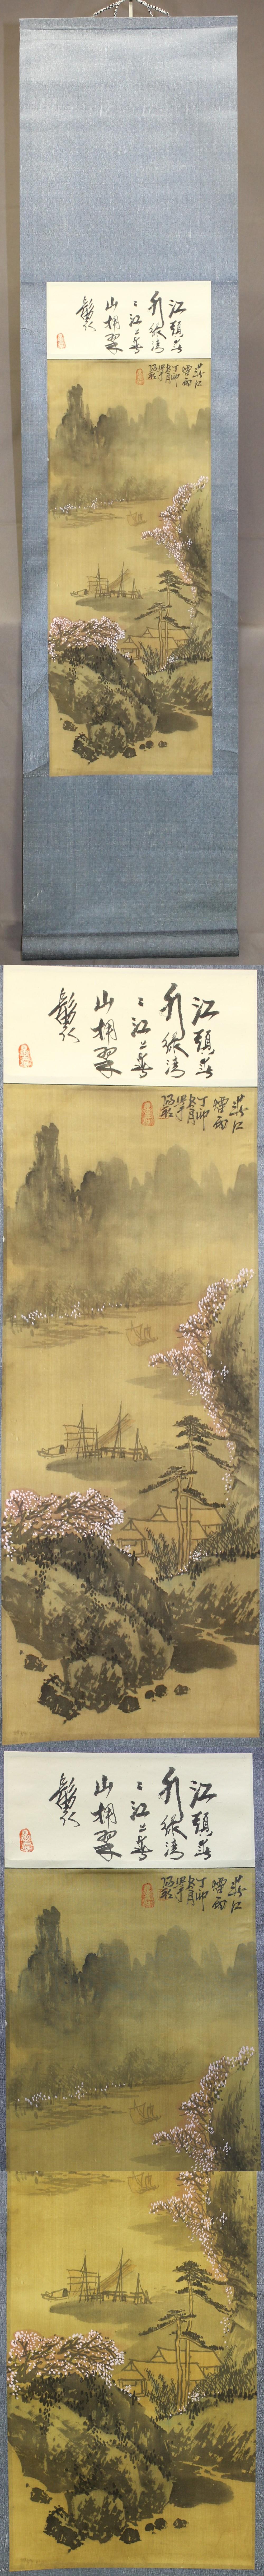 221軸桂林山水4本組2